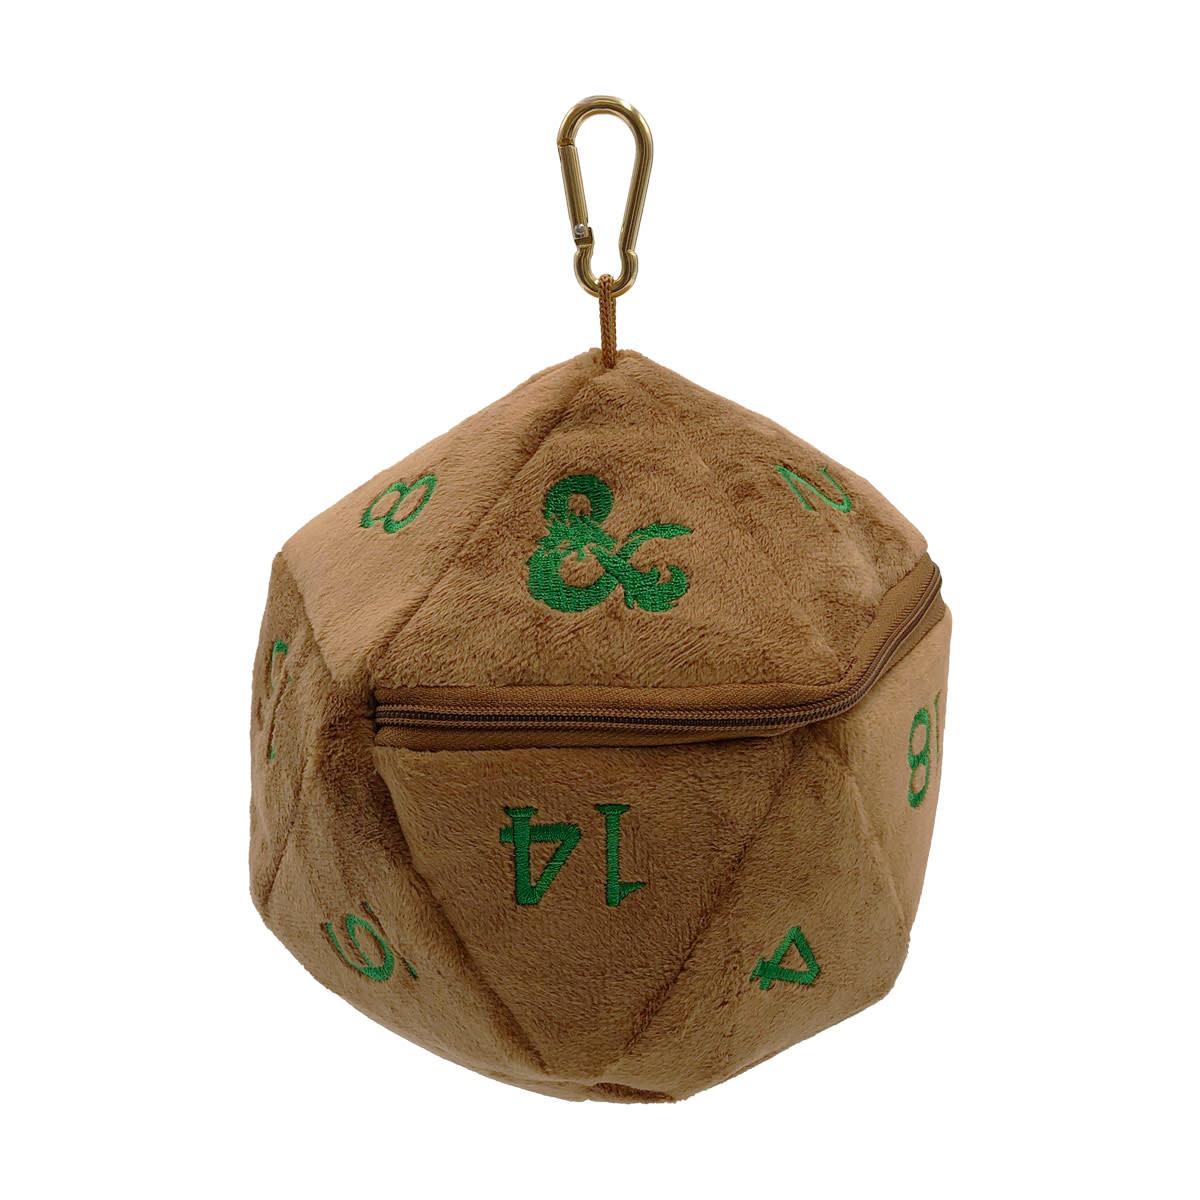 D&D Copper and Green D20 Plush Dice Bag